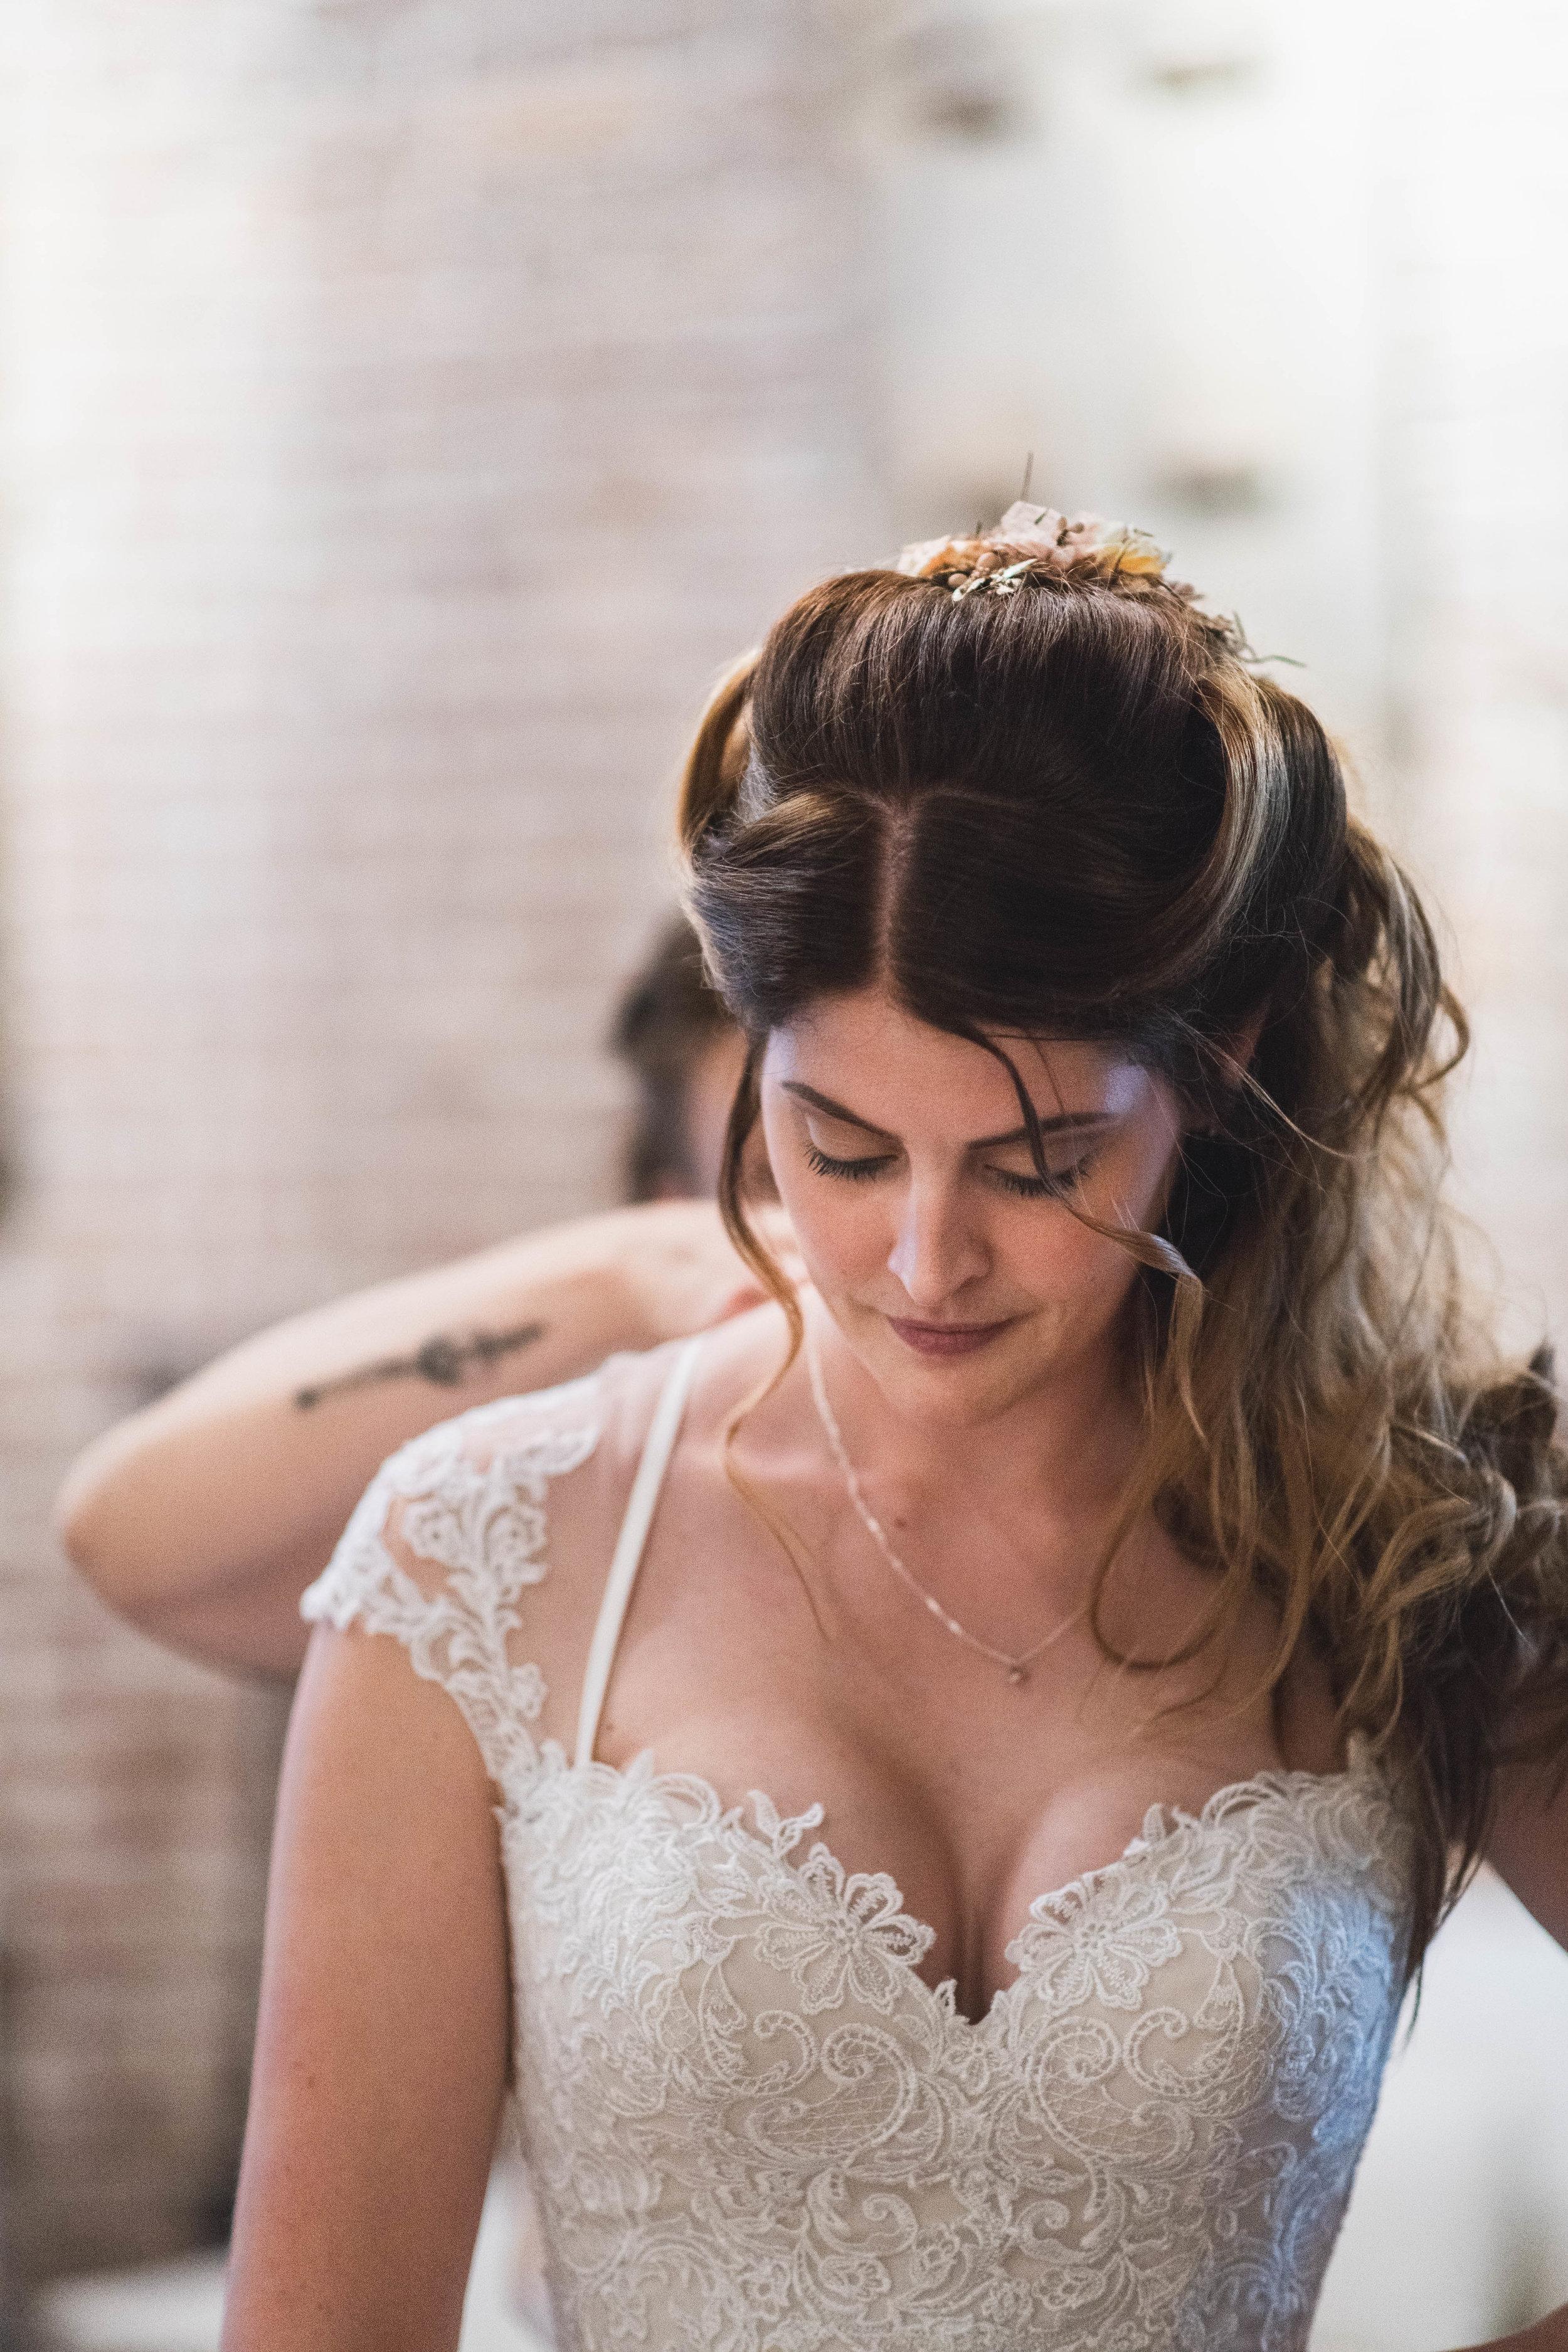 De bruid wordt in haar jurk geholpen op haar bruiloft.